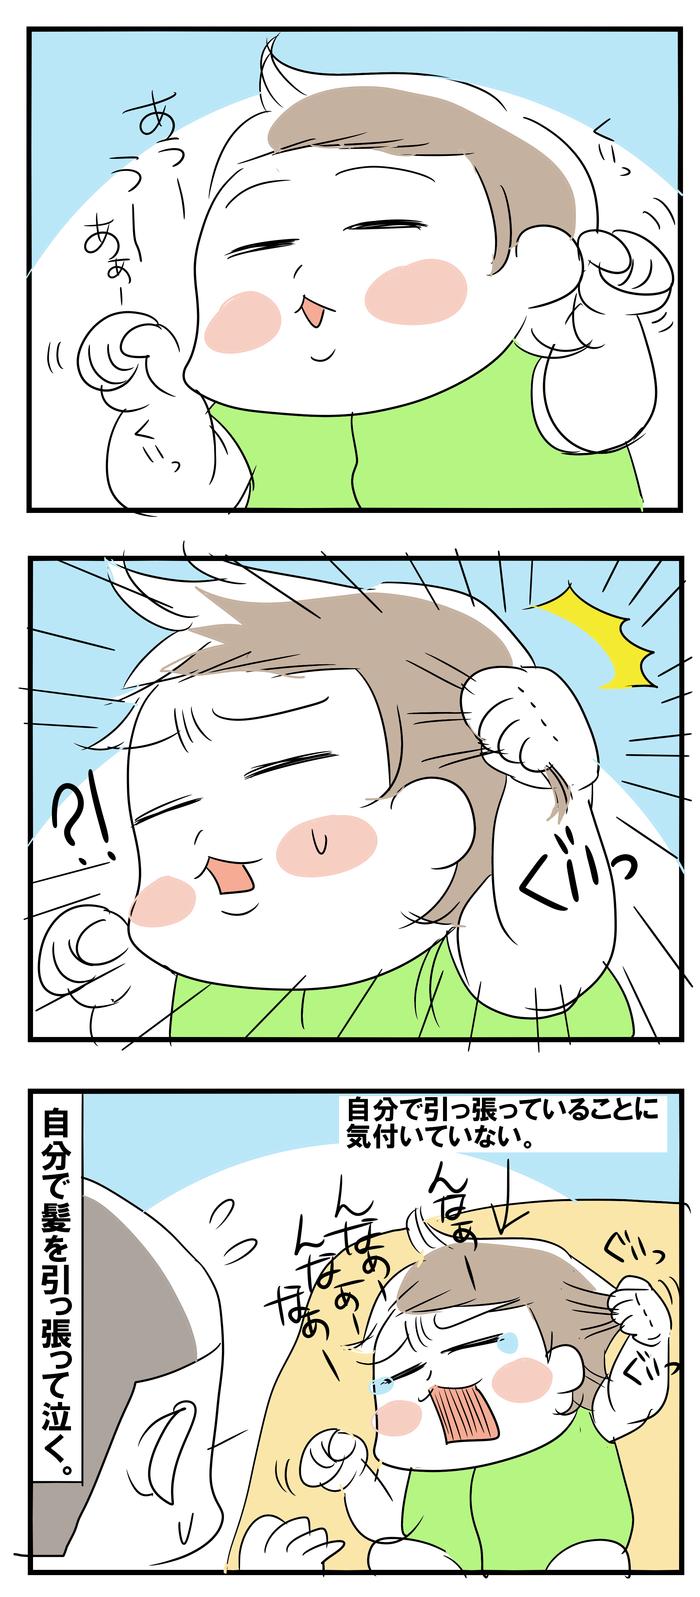 「えっそれで泣くの!?」0歳児の泣く理由が、ず~っと見てたいほどカワイイ♡の画像2